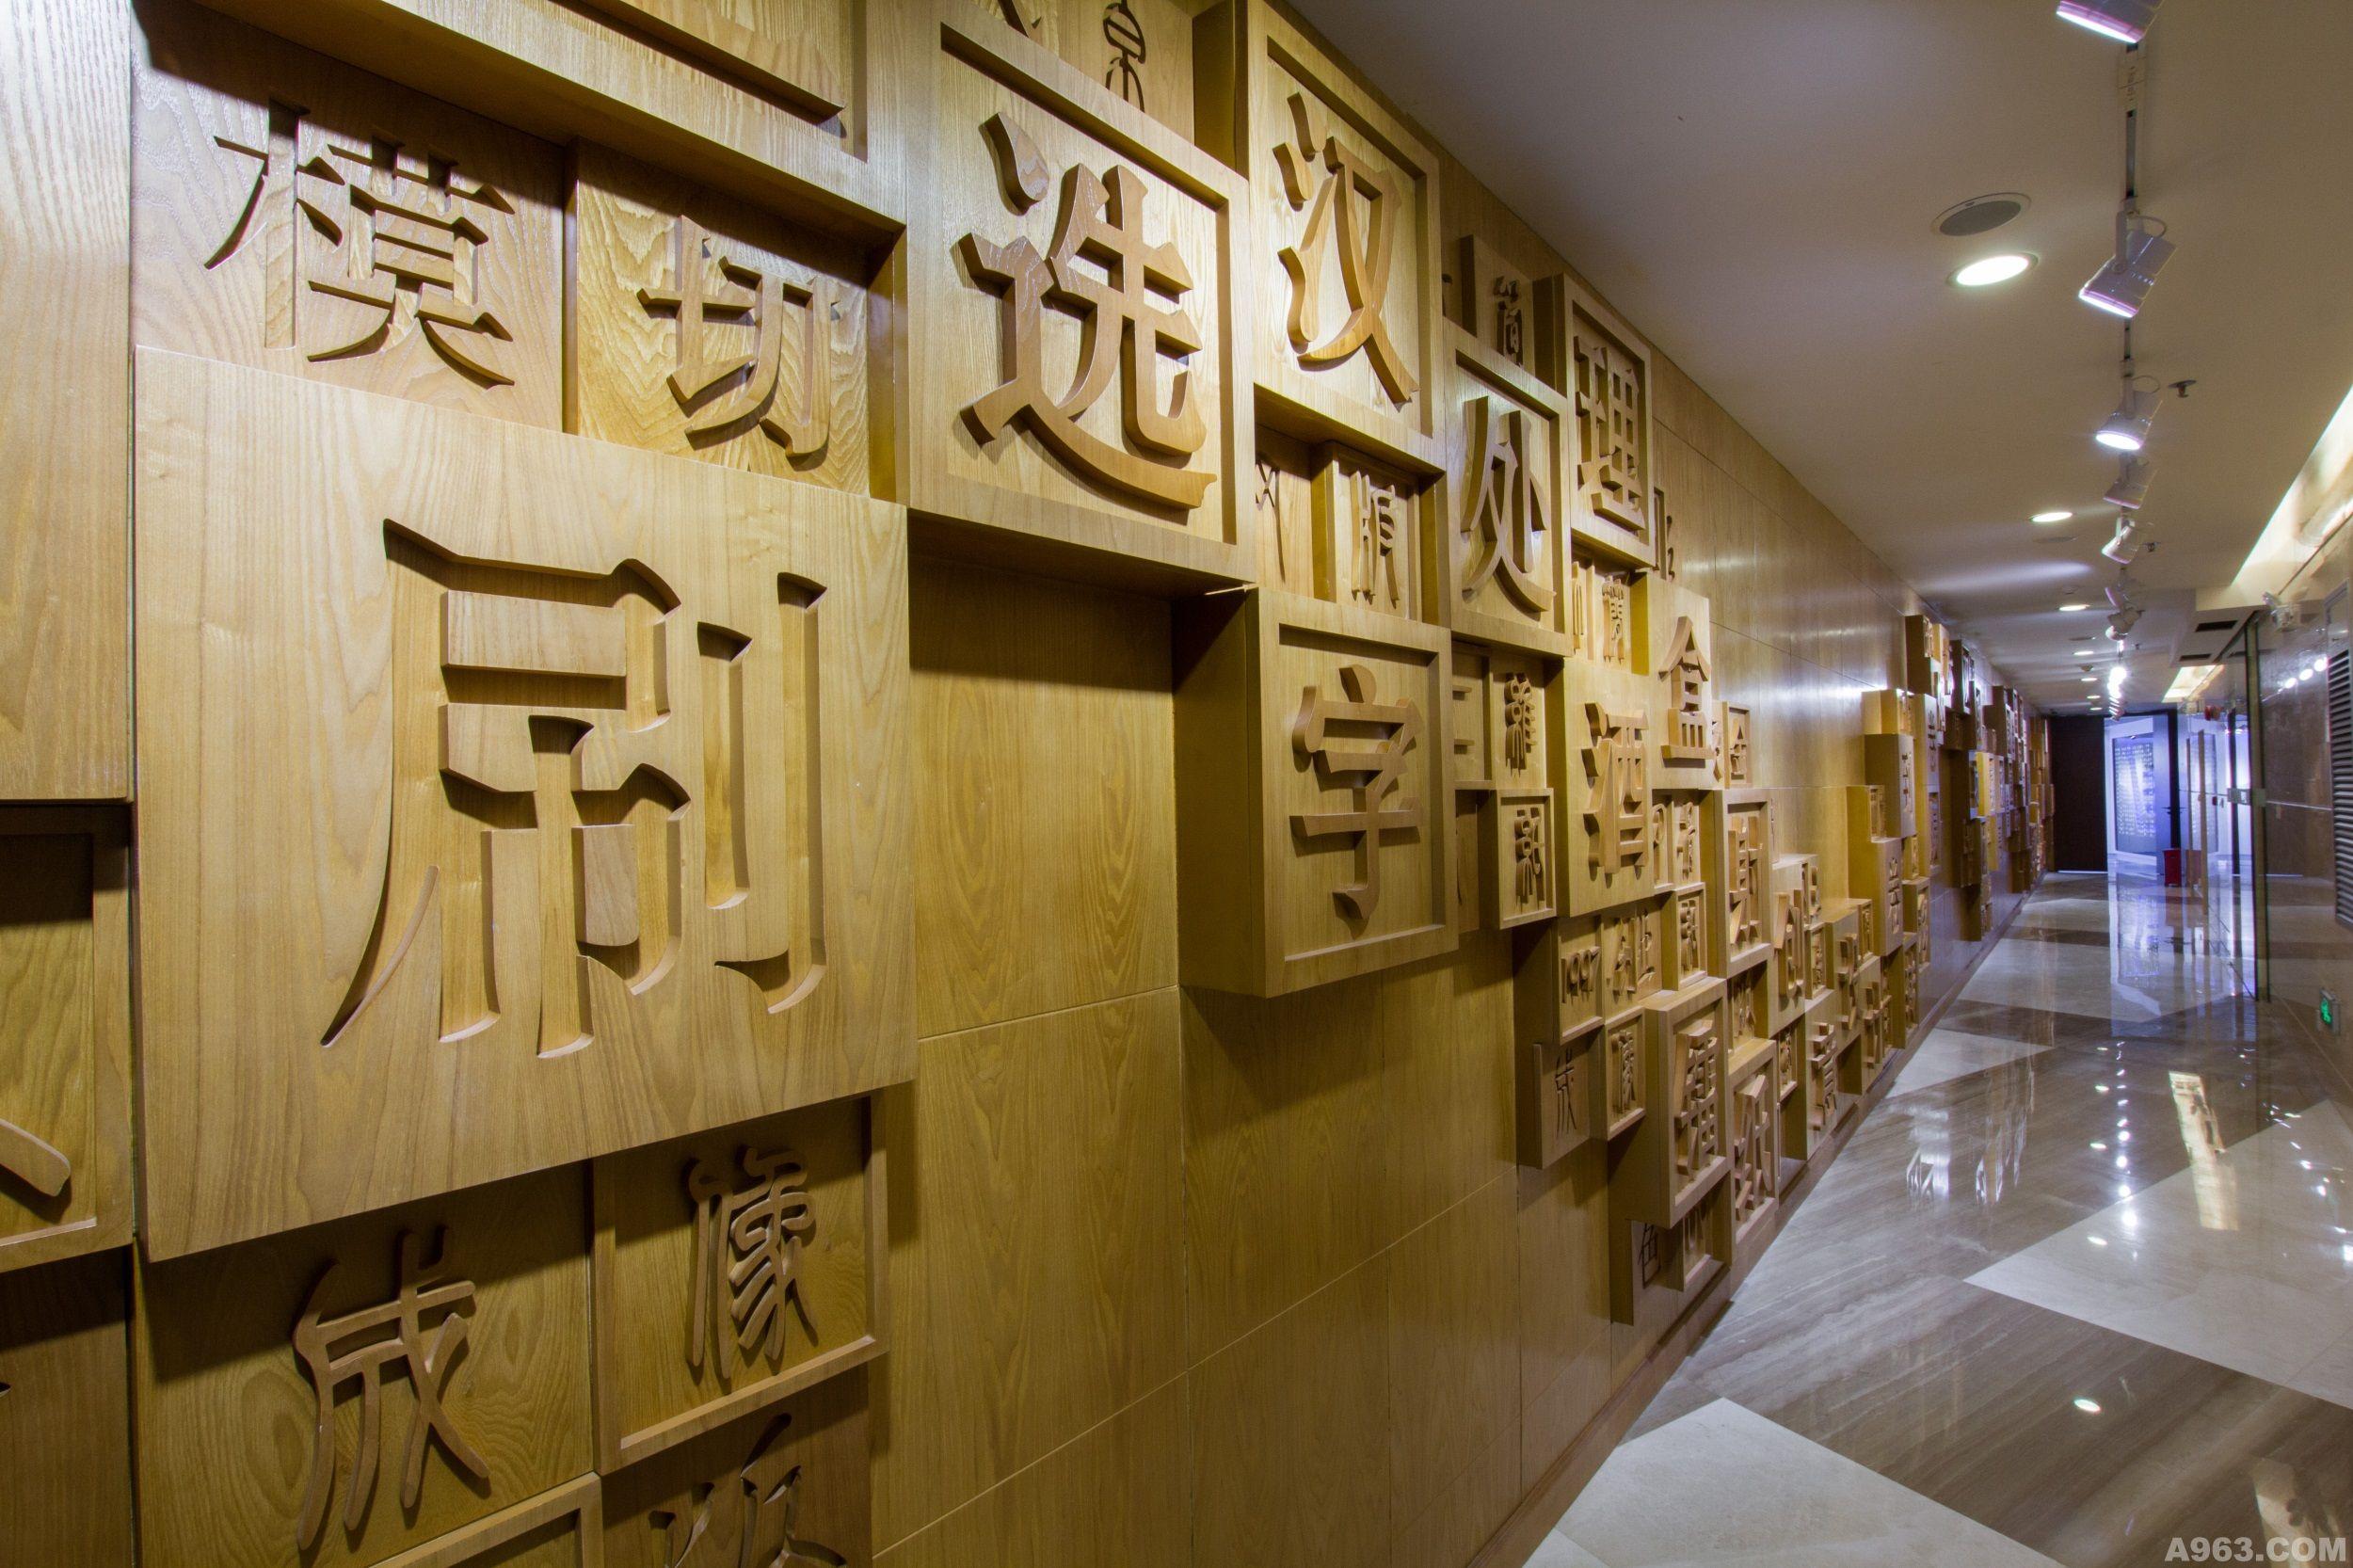 劲嘉集团办公空间设计图片